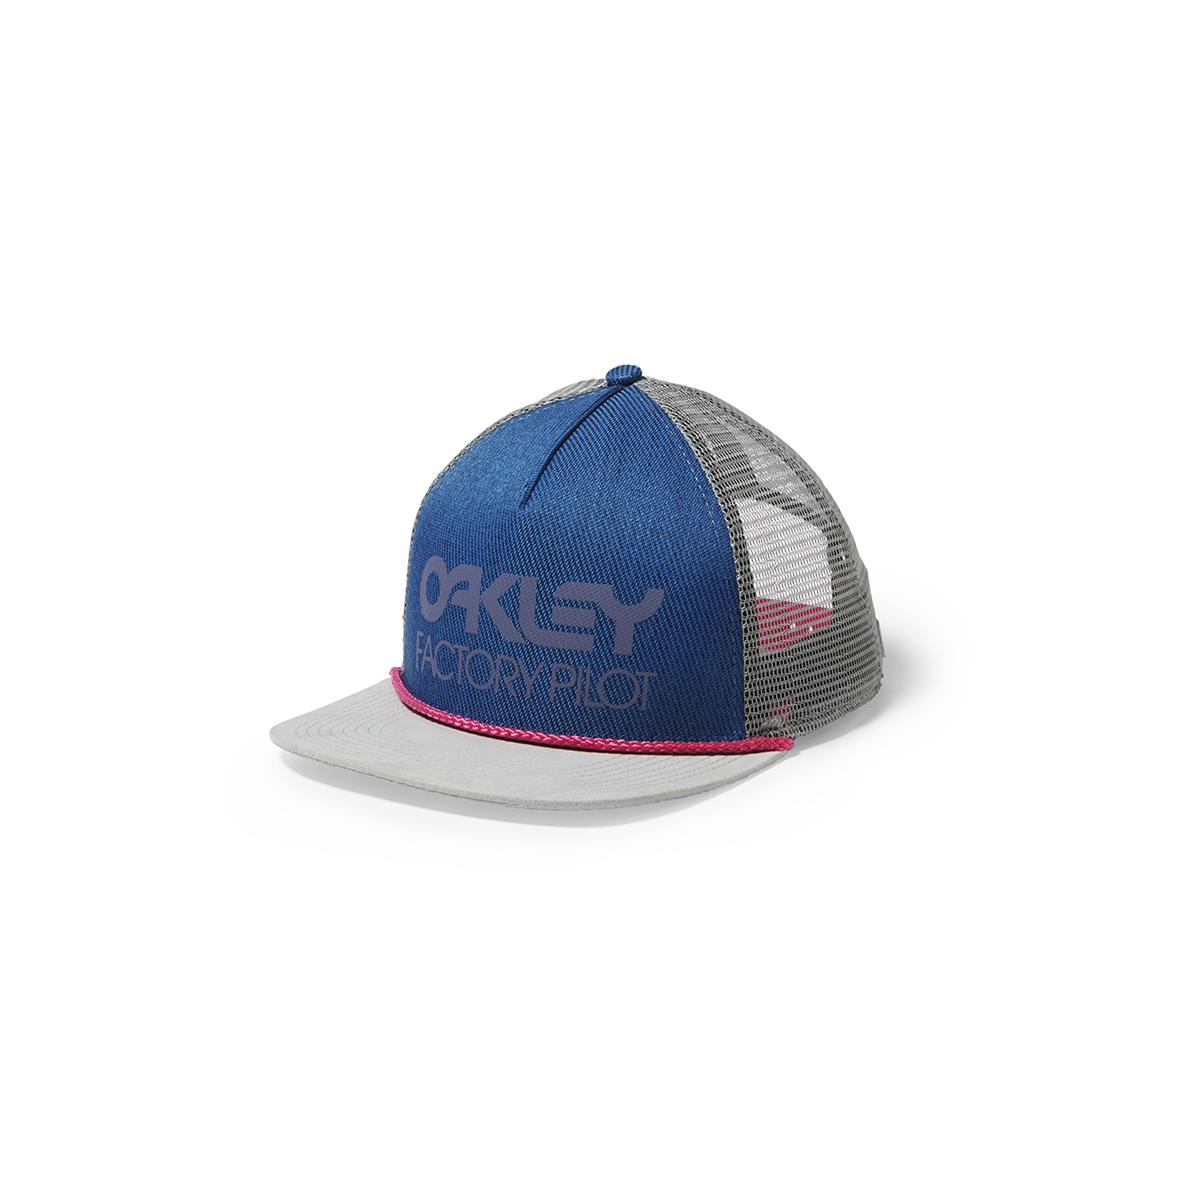 casquette oakley factory pilot